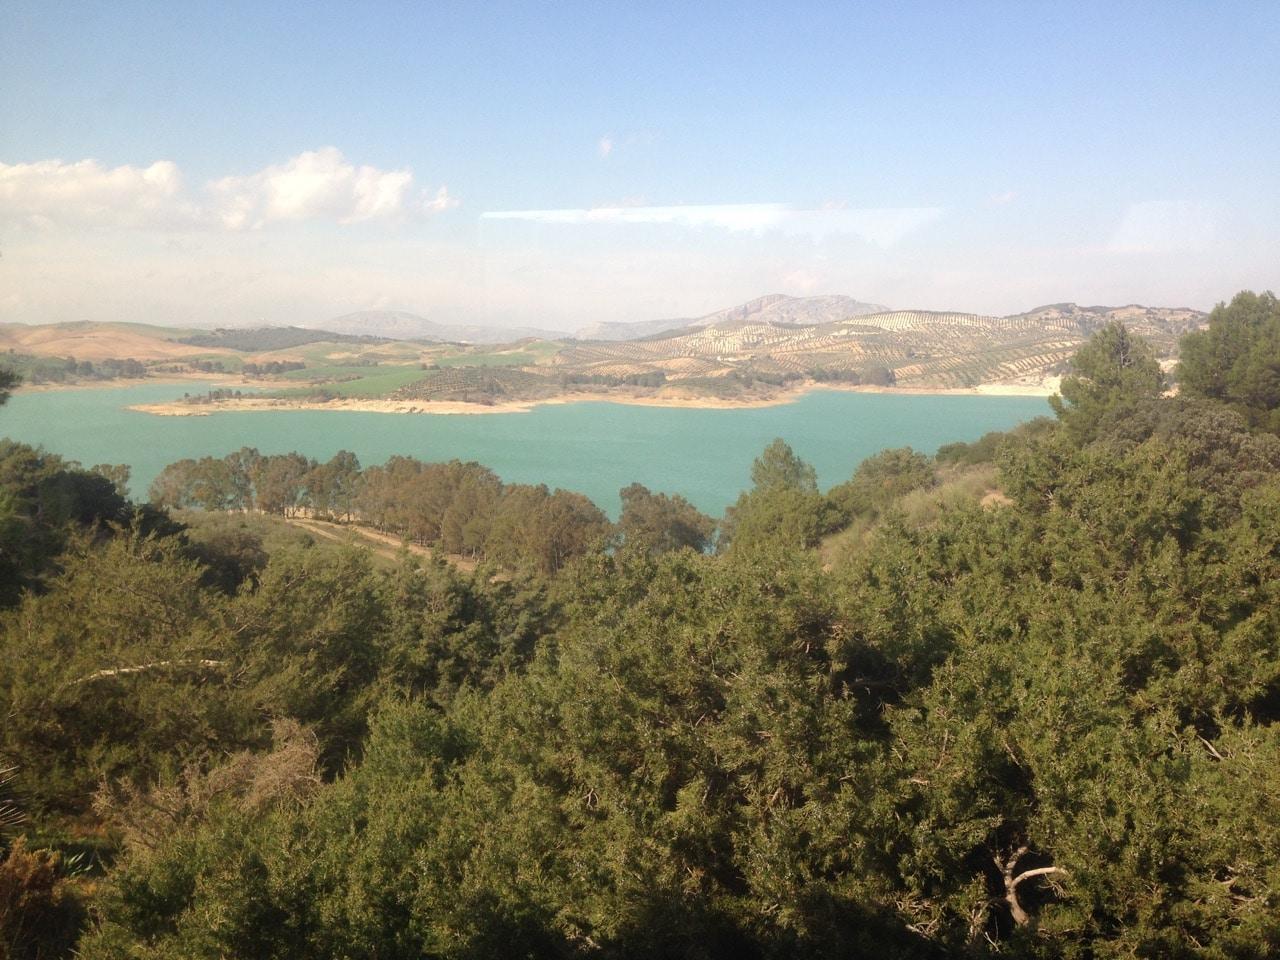 Blick über Wälder auf einen See